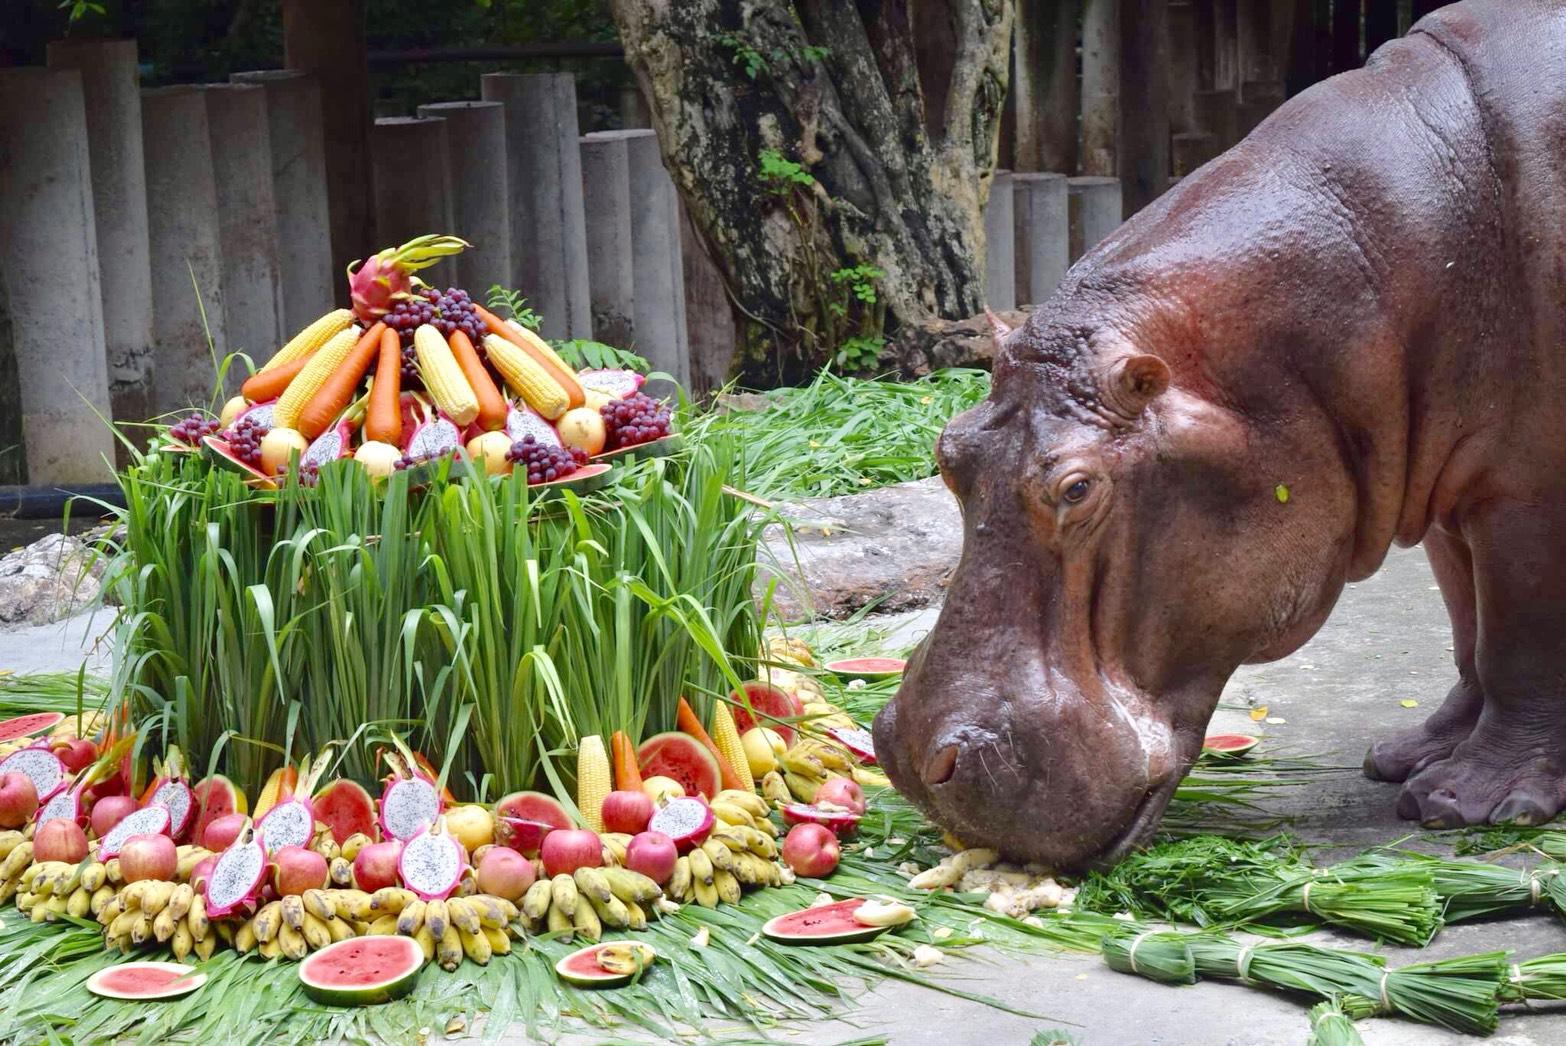 """เสิร์ฟเค้กผลไม้ยักษ์ ฉลองวันเกิด """"แม่มะลิฮิปโปโปเตมัส"""" ครบ 55 ปี"""